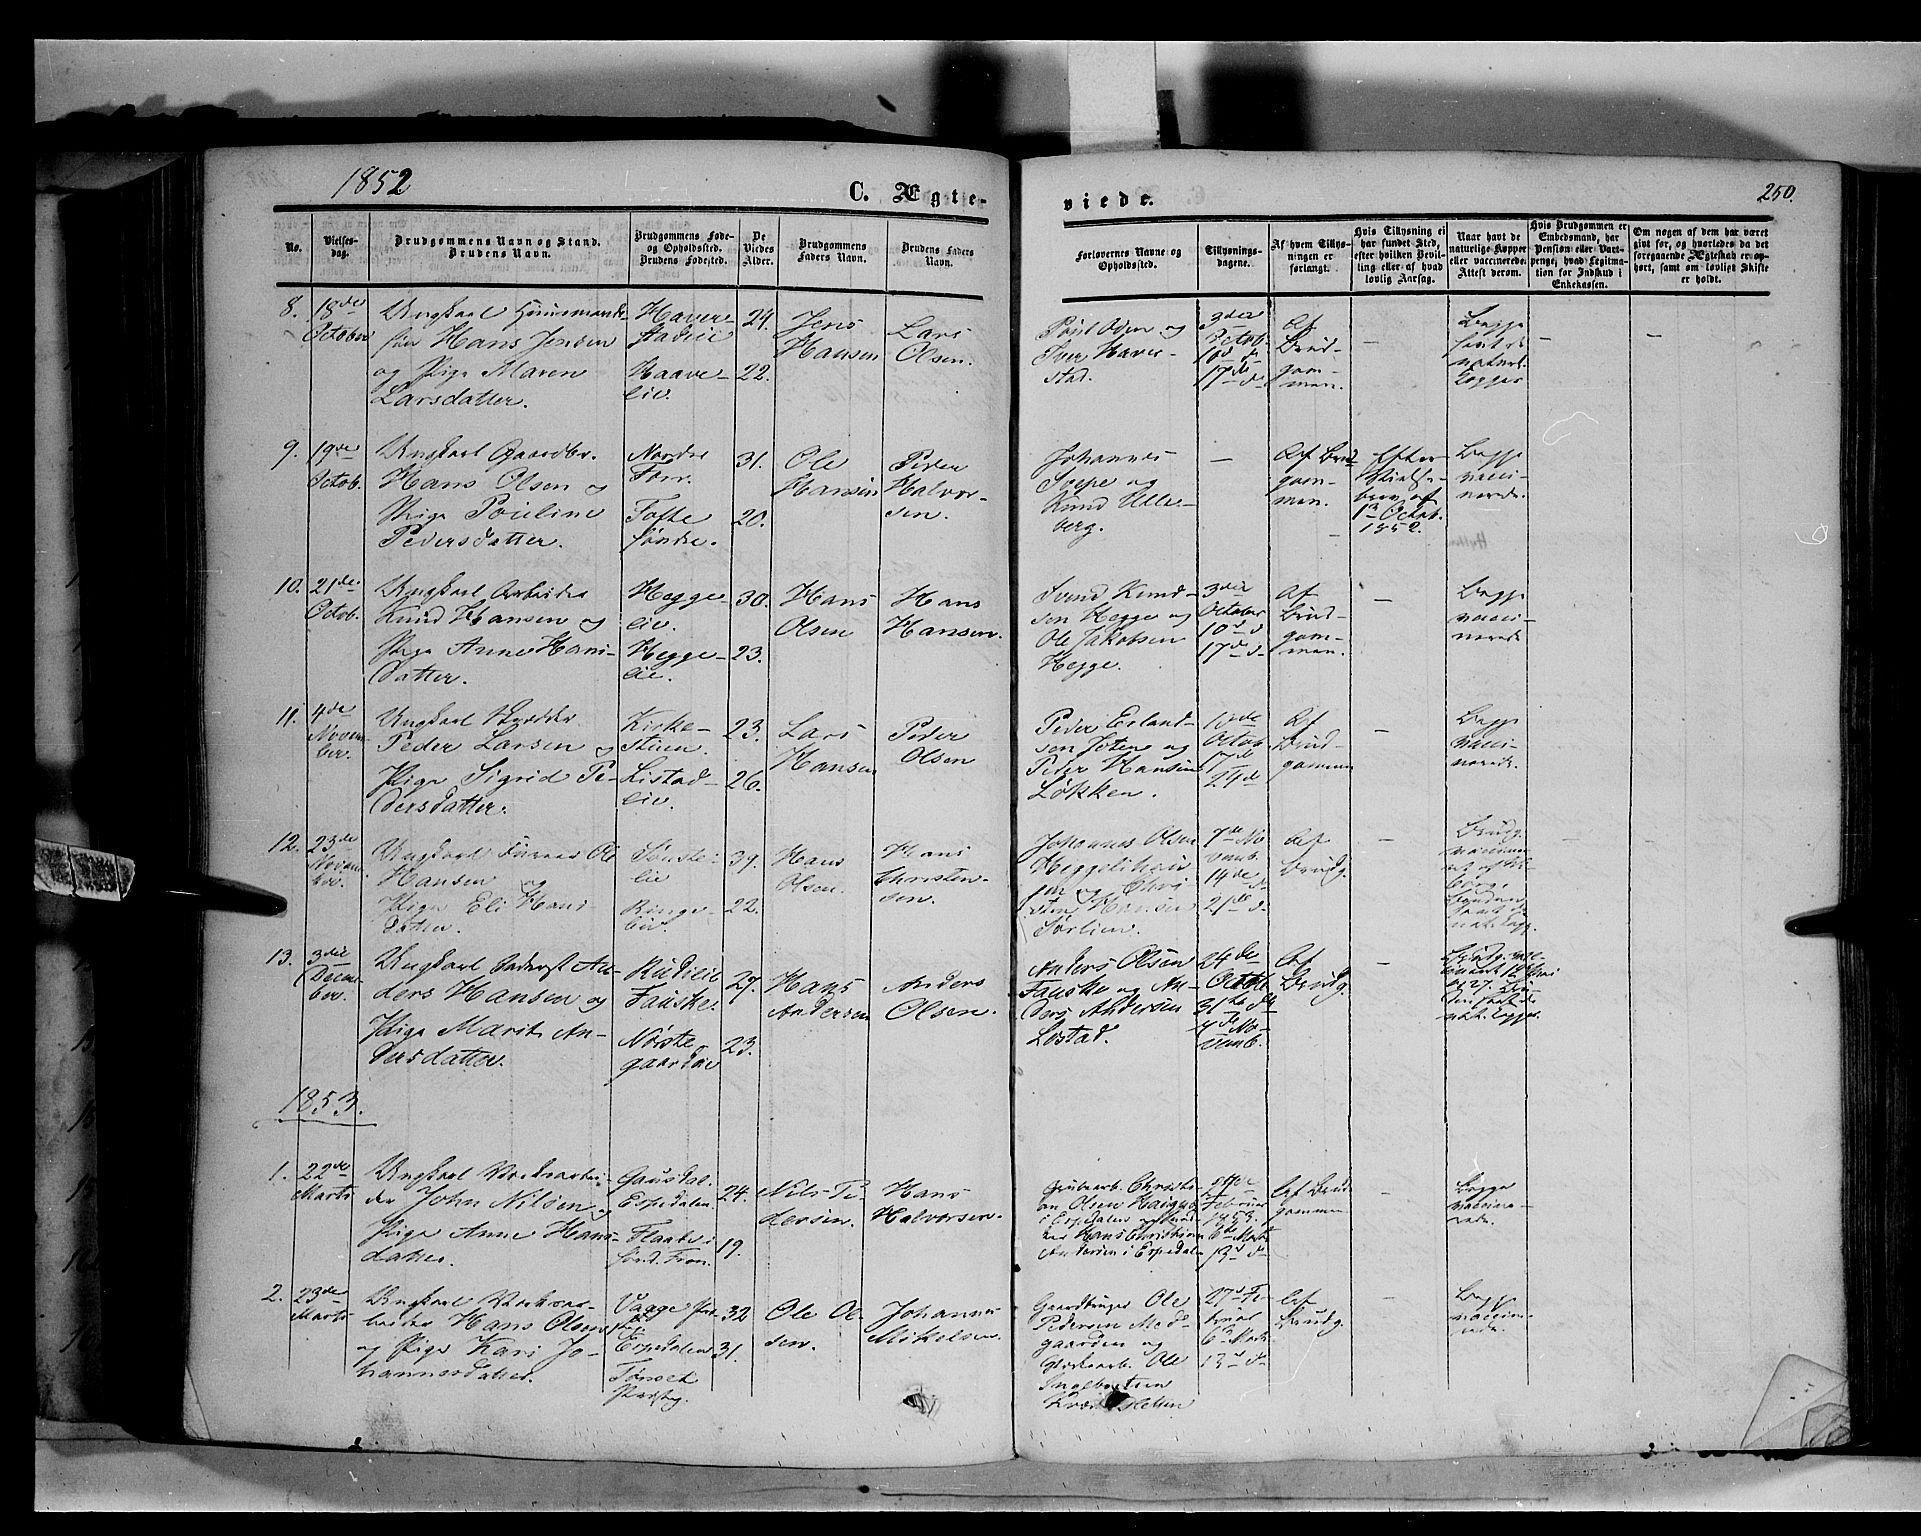 SAH, Sør-Fron prestekontor, H/Ha/Haa/L0001: Ministerialbok nr. 1, 1849-1863, s. 250